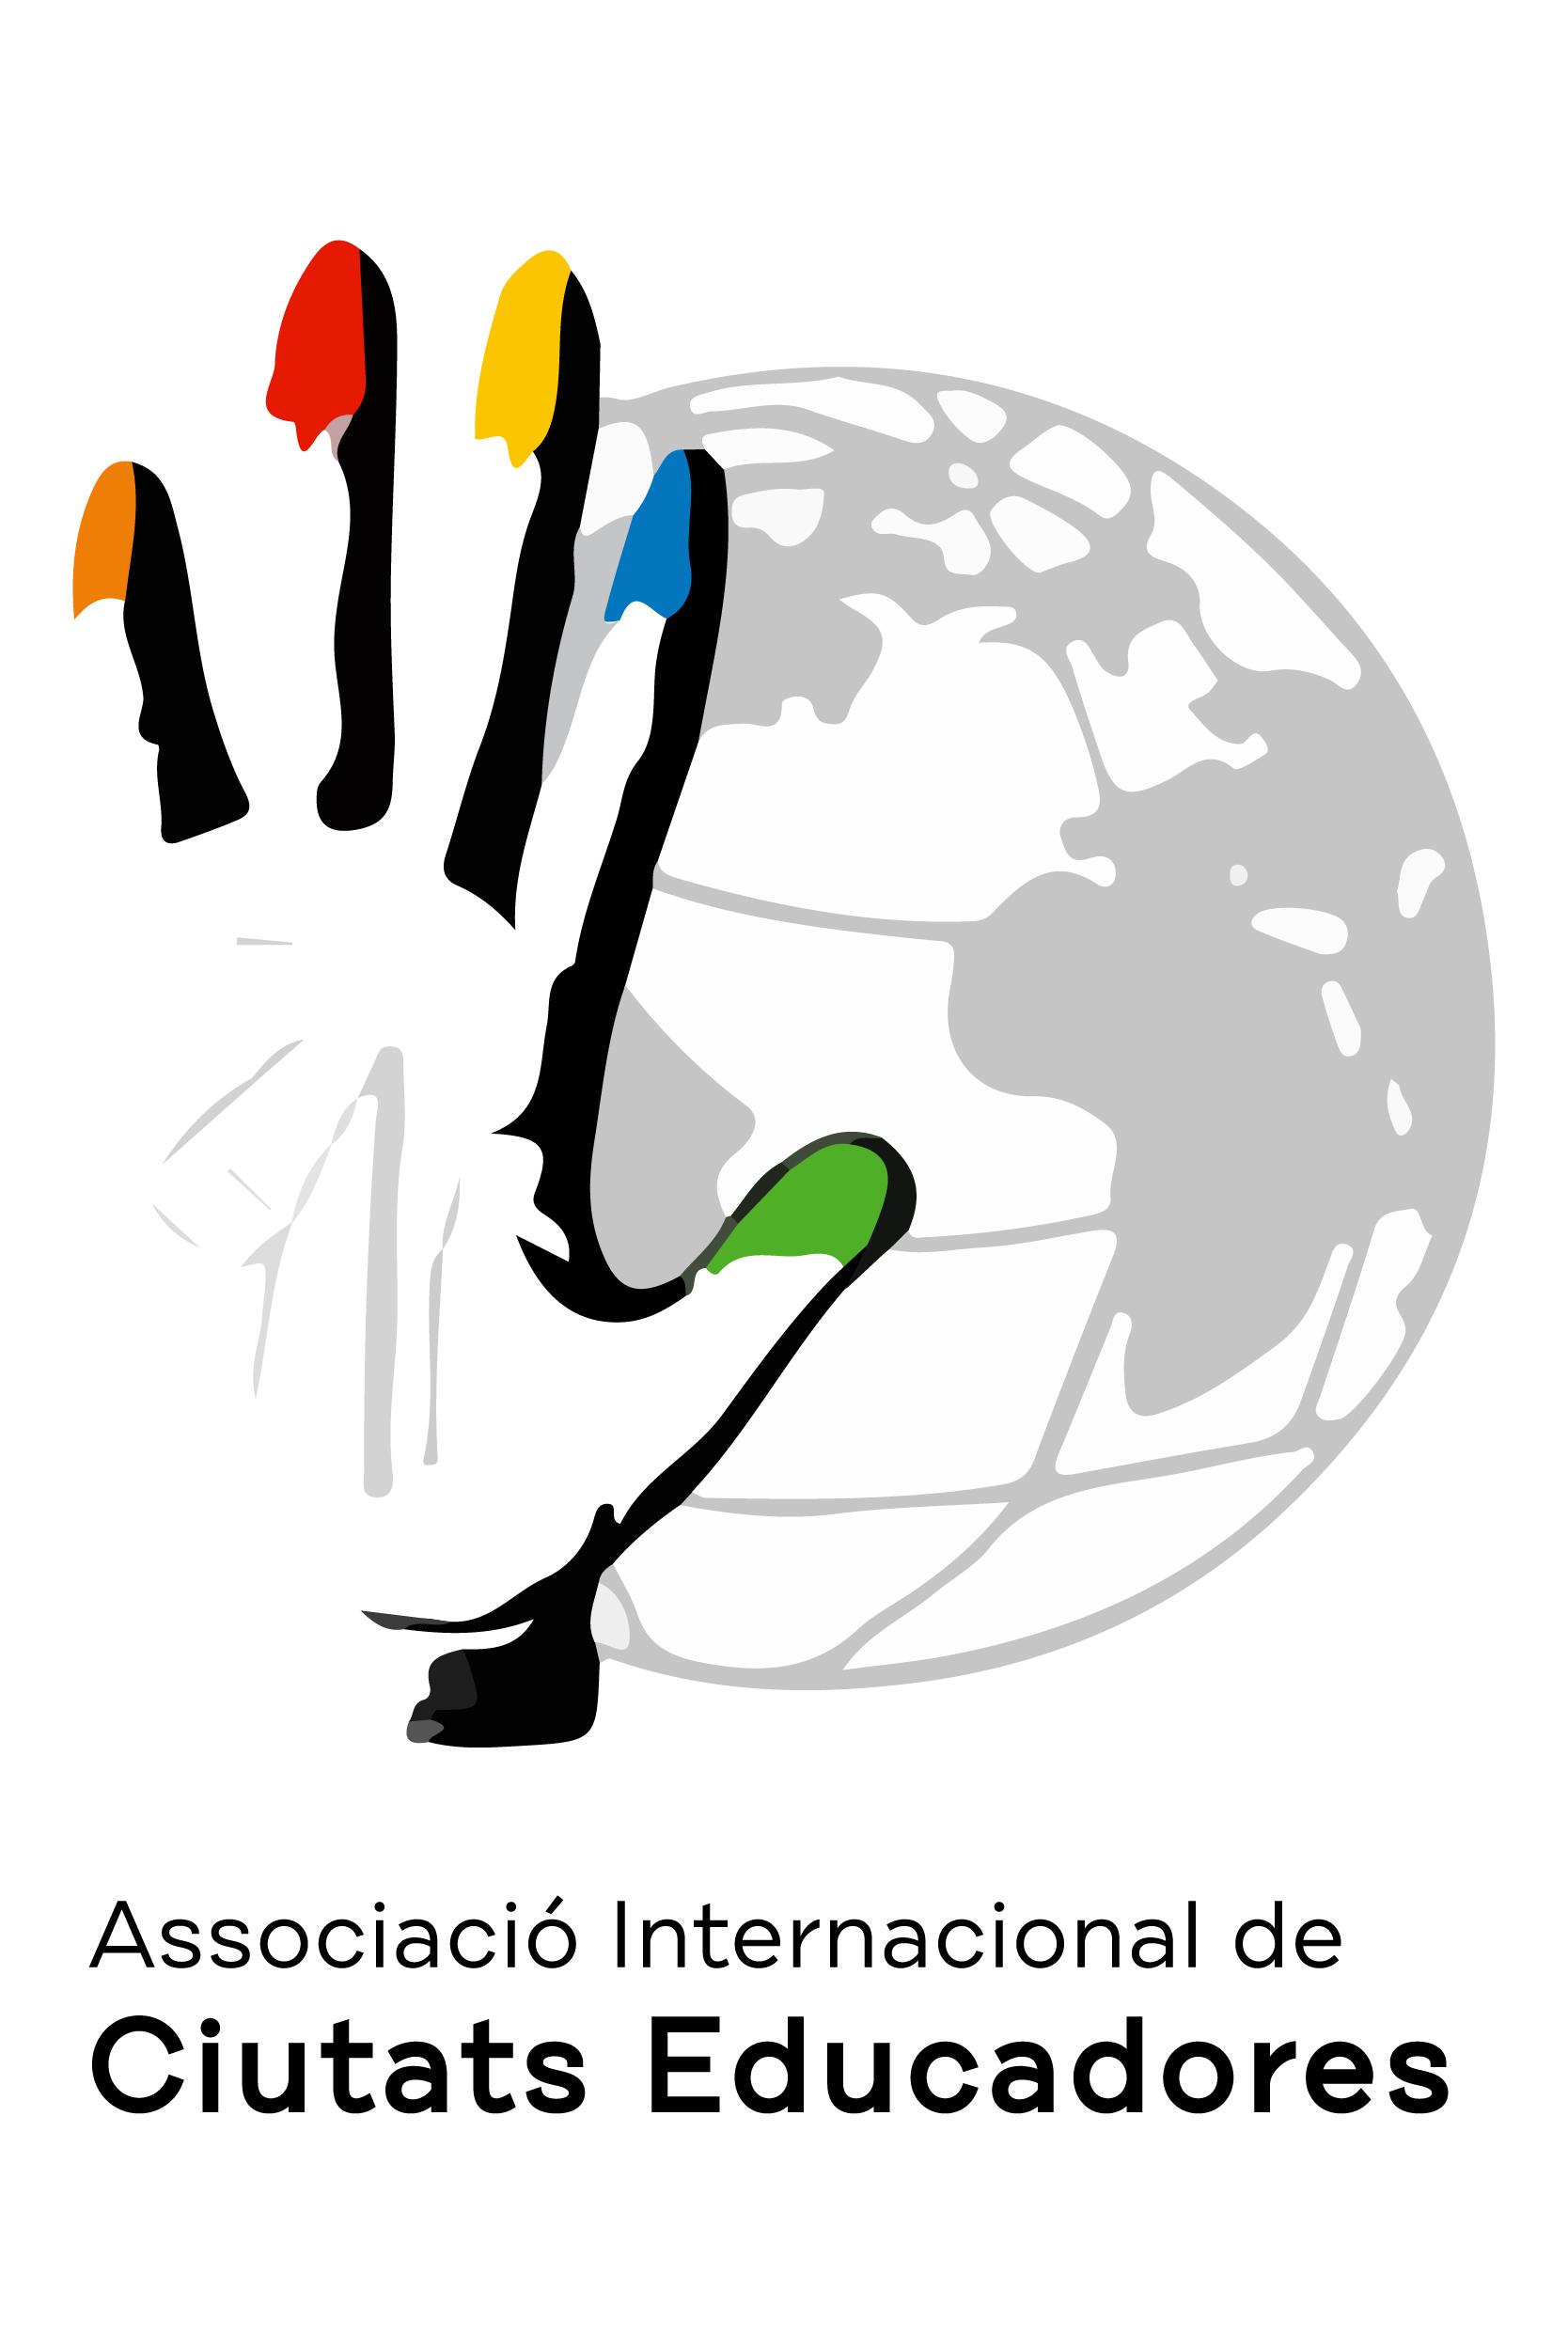 logo Associació Internacional de Ciutats Educadores